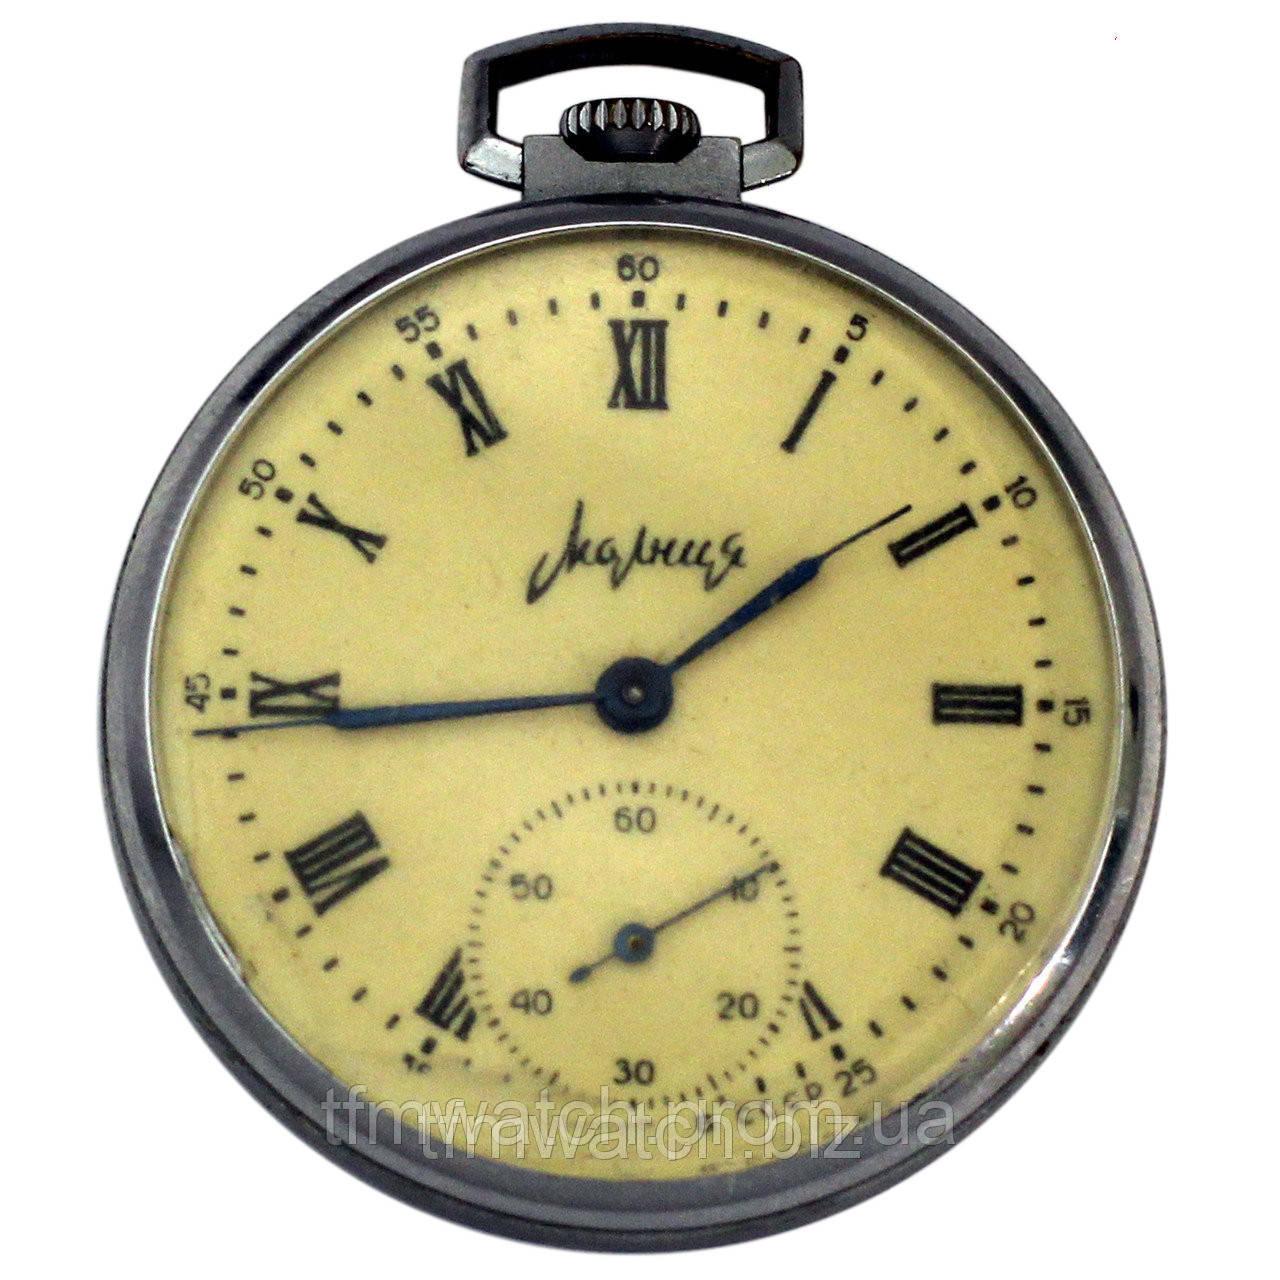 Винтажные часы молния продать за час 1 электрика работы стоимость